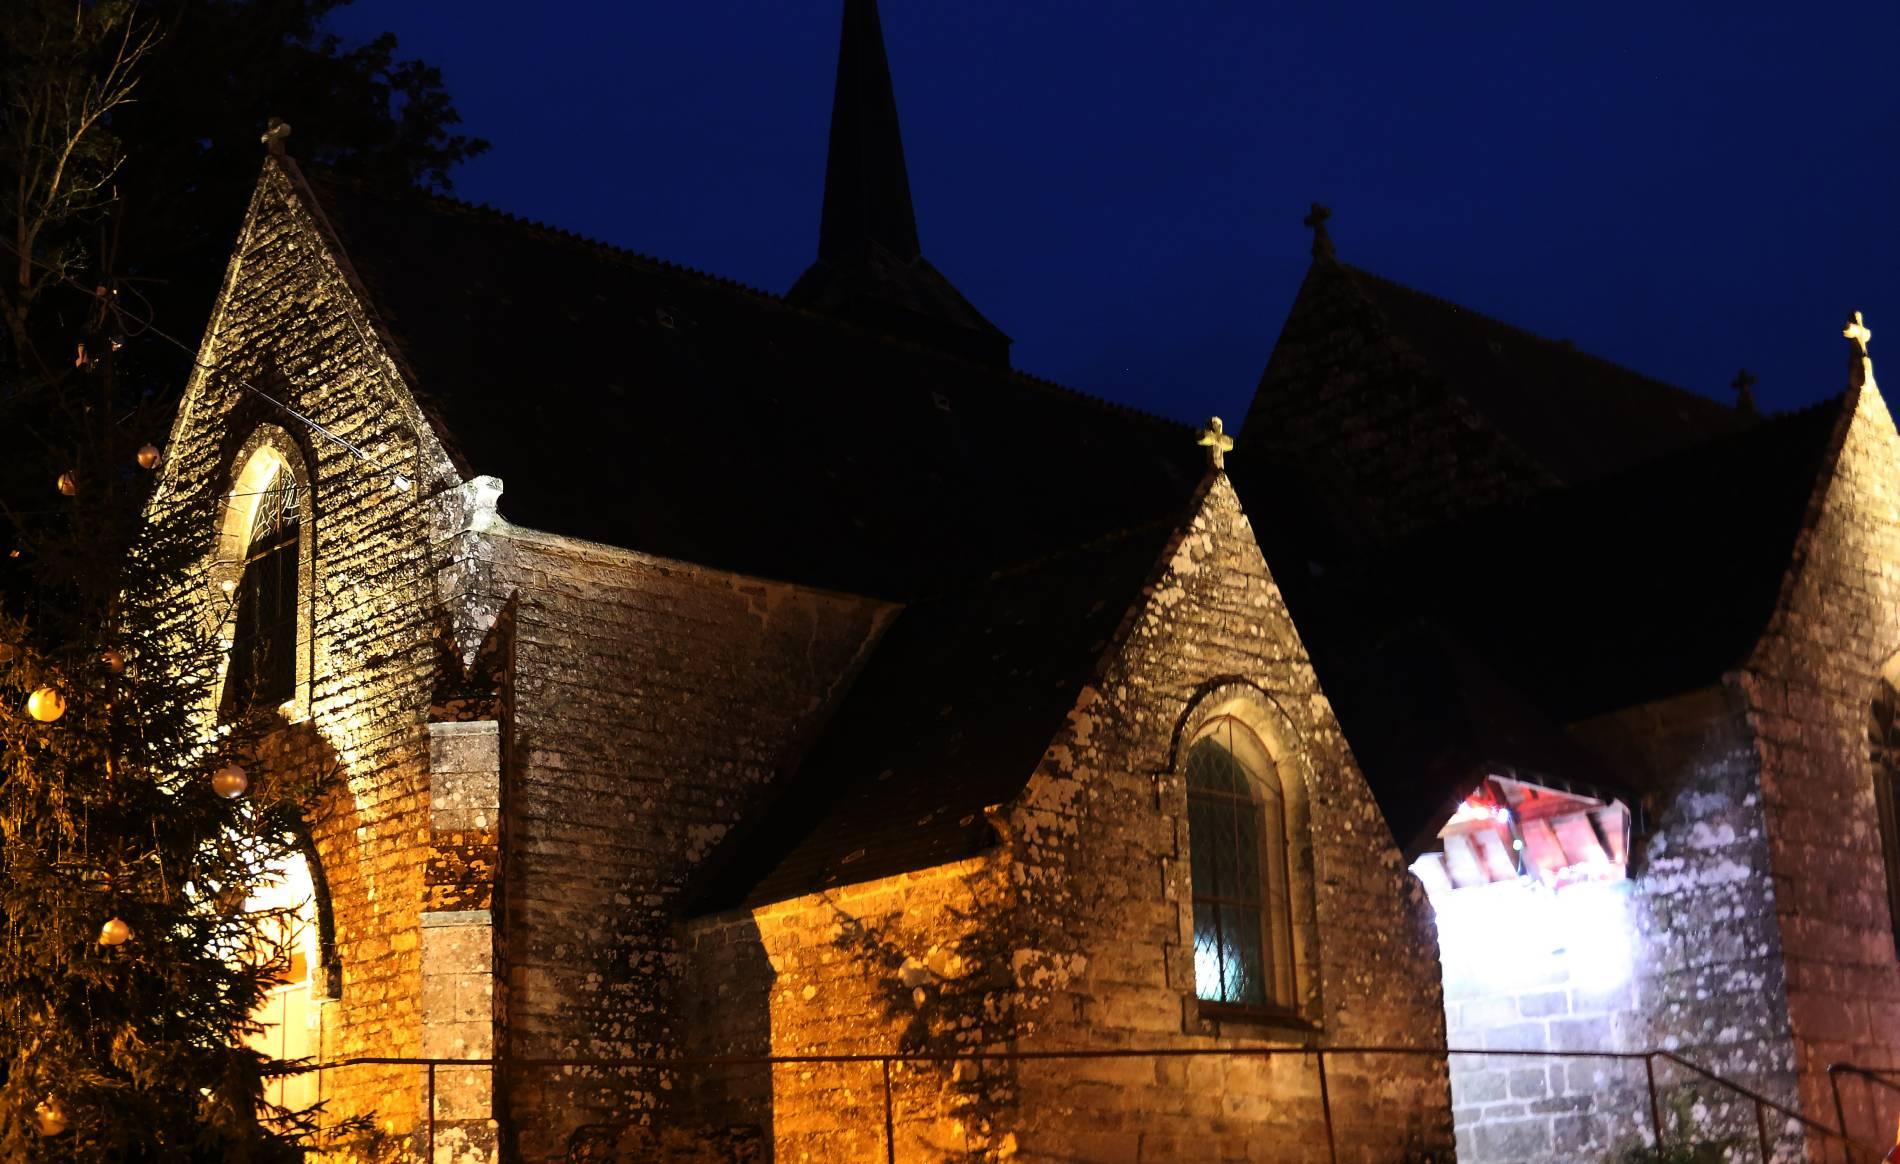 L'église de Saint Aubin mise en lumière